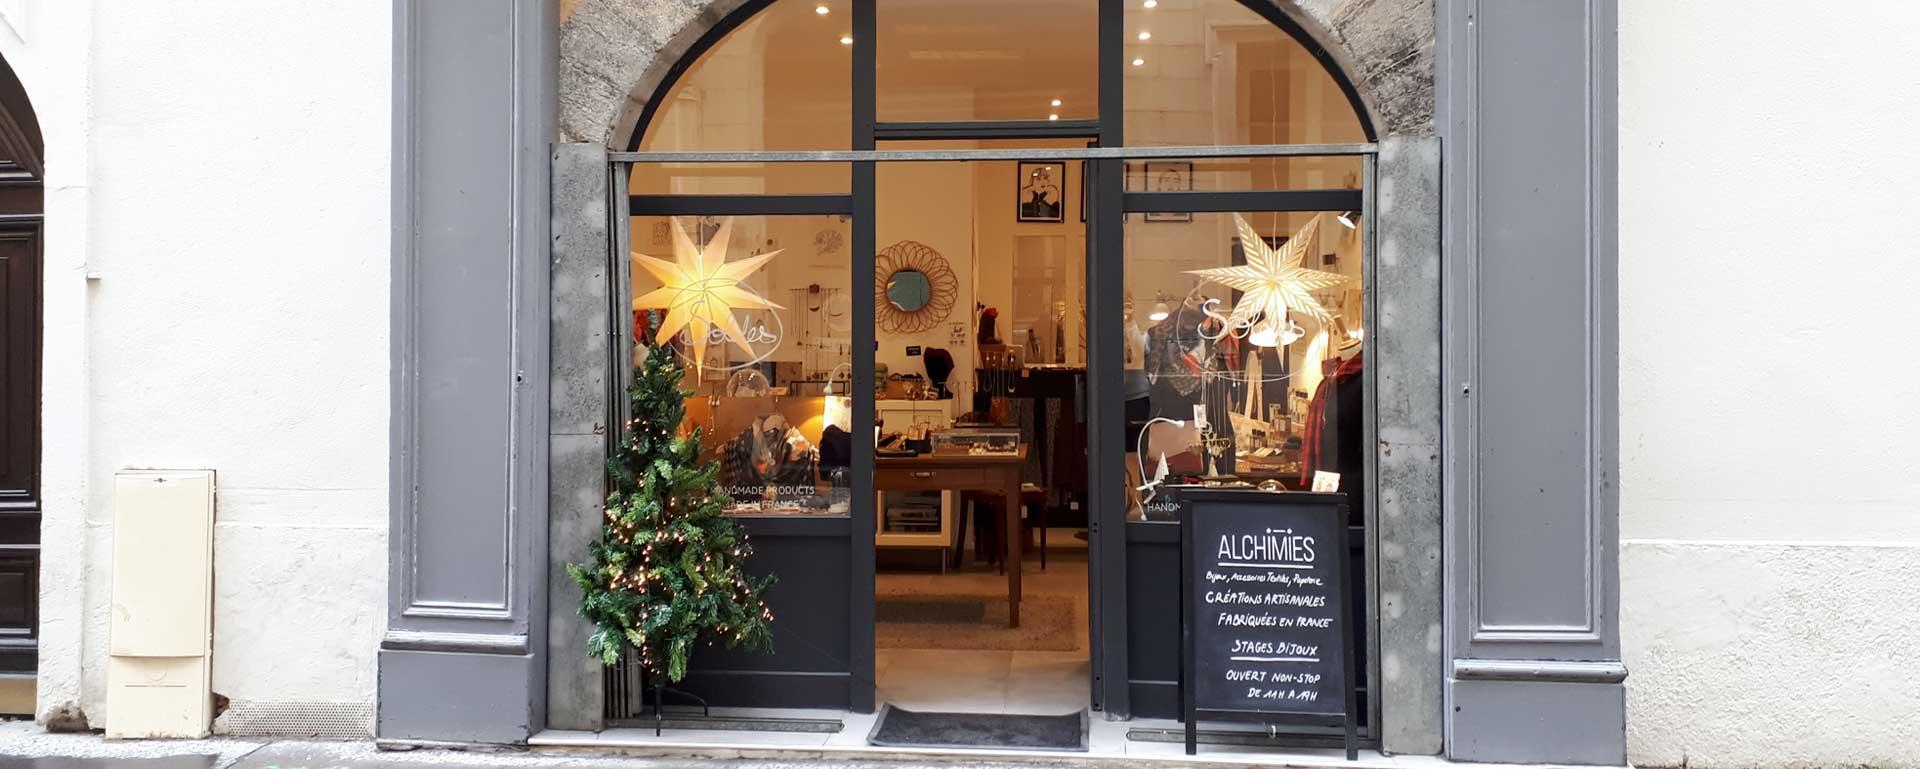 contact boutique createurs lyon bijouterie alchimies boutique bague collier bracelet boucles oreilles